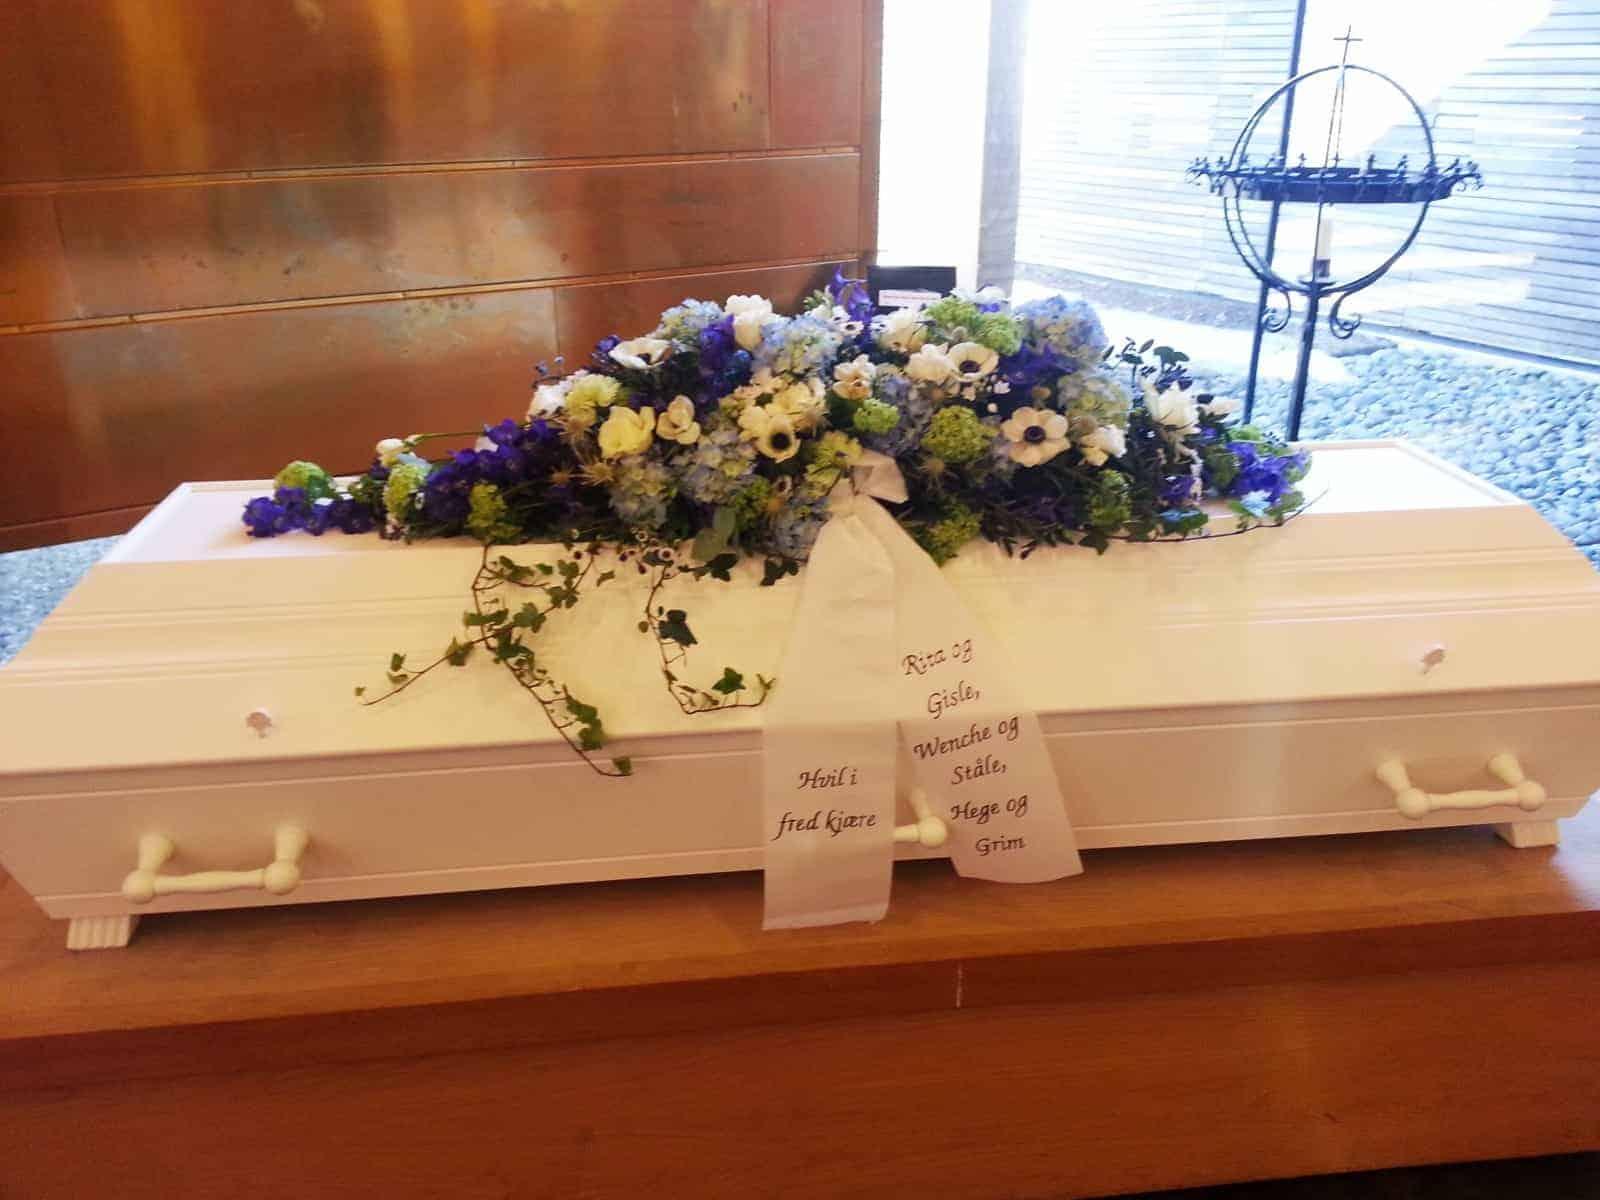 Kistedekorasjon blomster 09